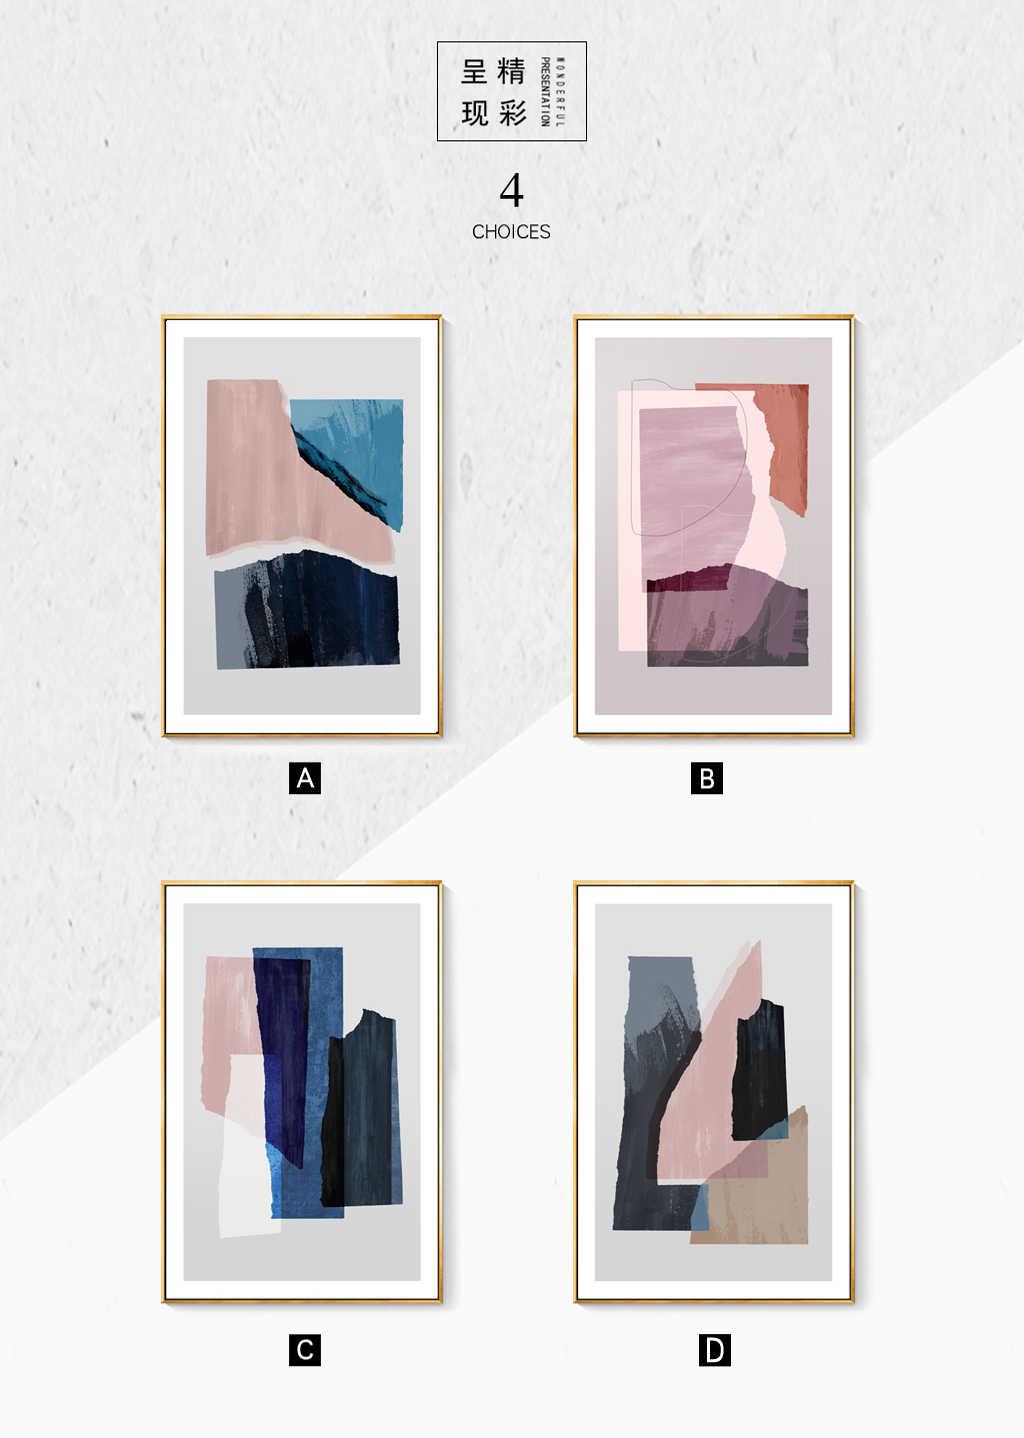 Modern Abstrak Marmer Biru Pink Cetakan Kanvas Cetakan Lukisan Dinding Seni Poster Gambar untuk Ruang Kantor Rumah Dekorasi